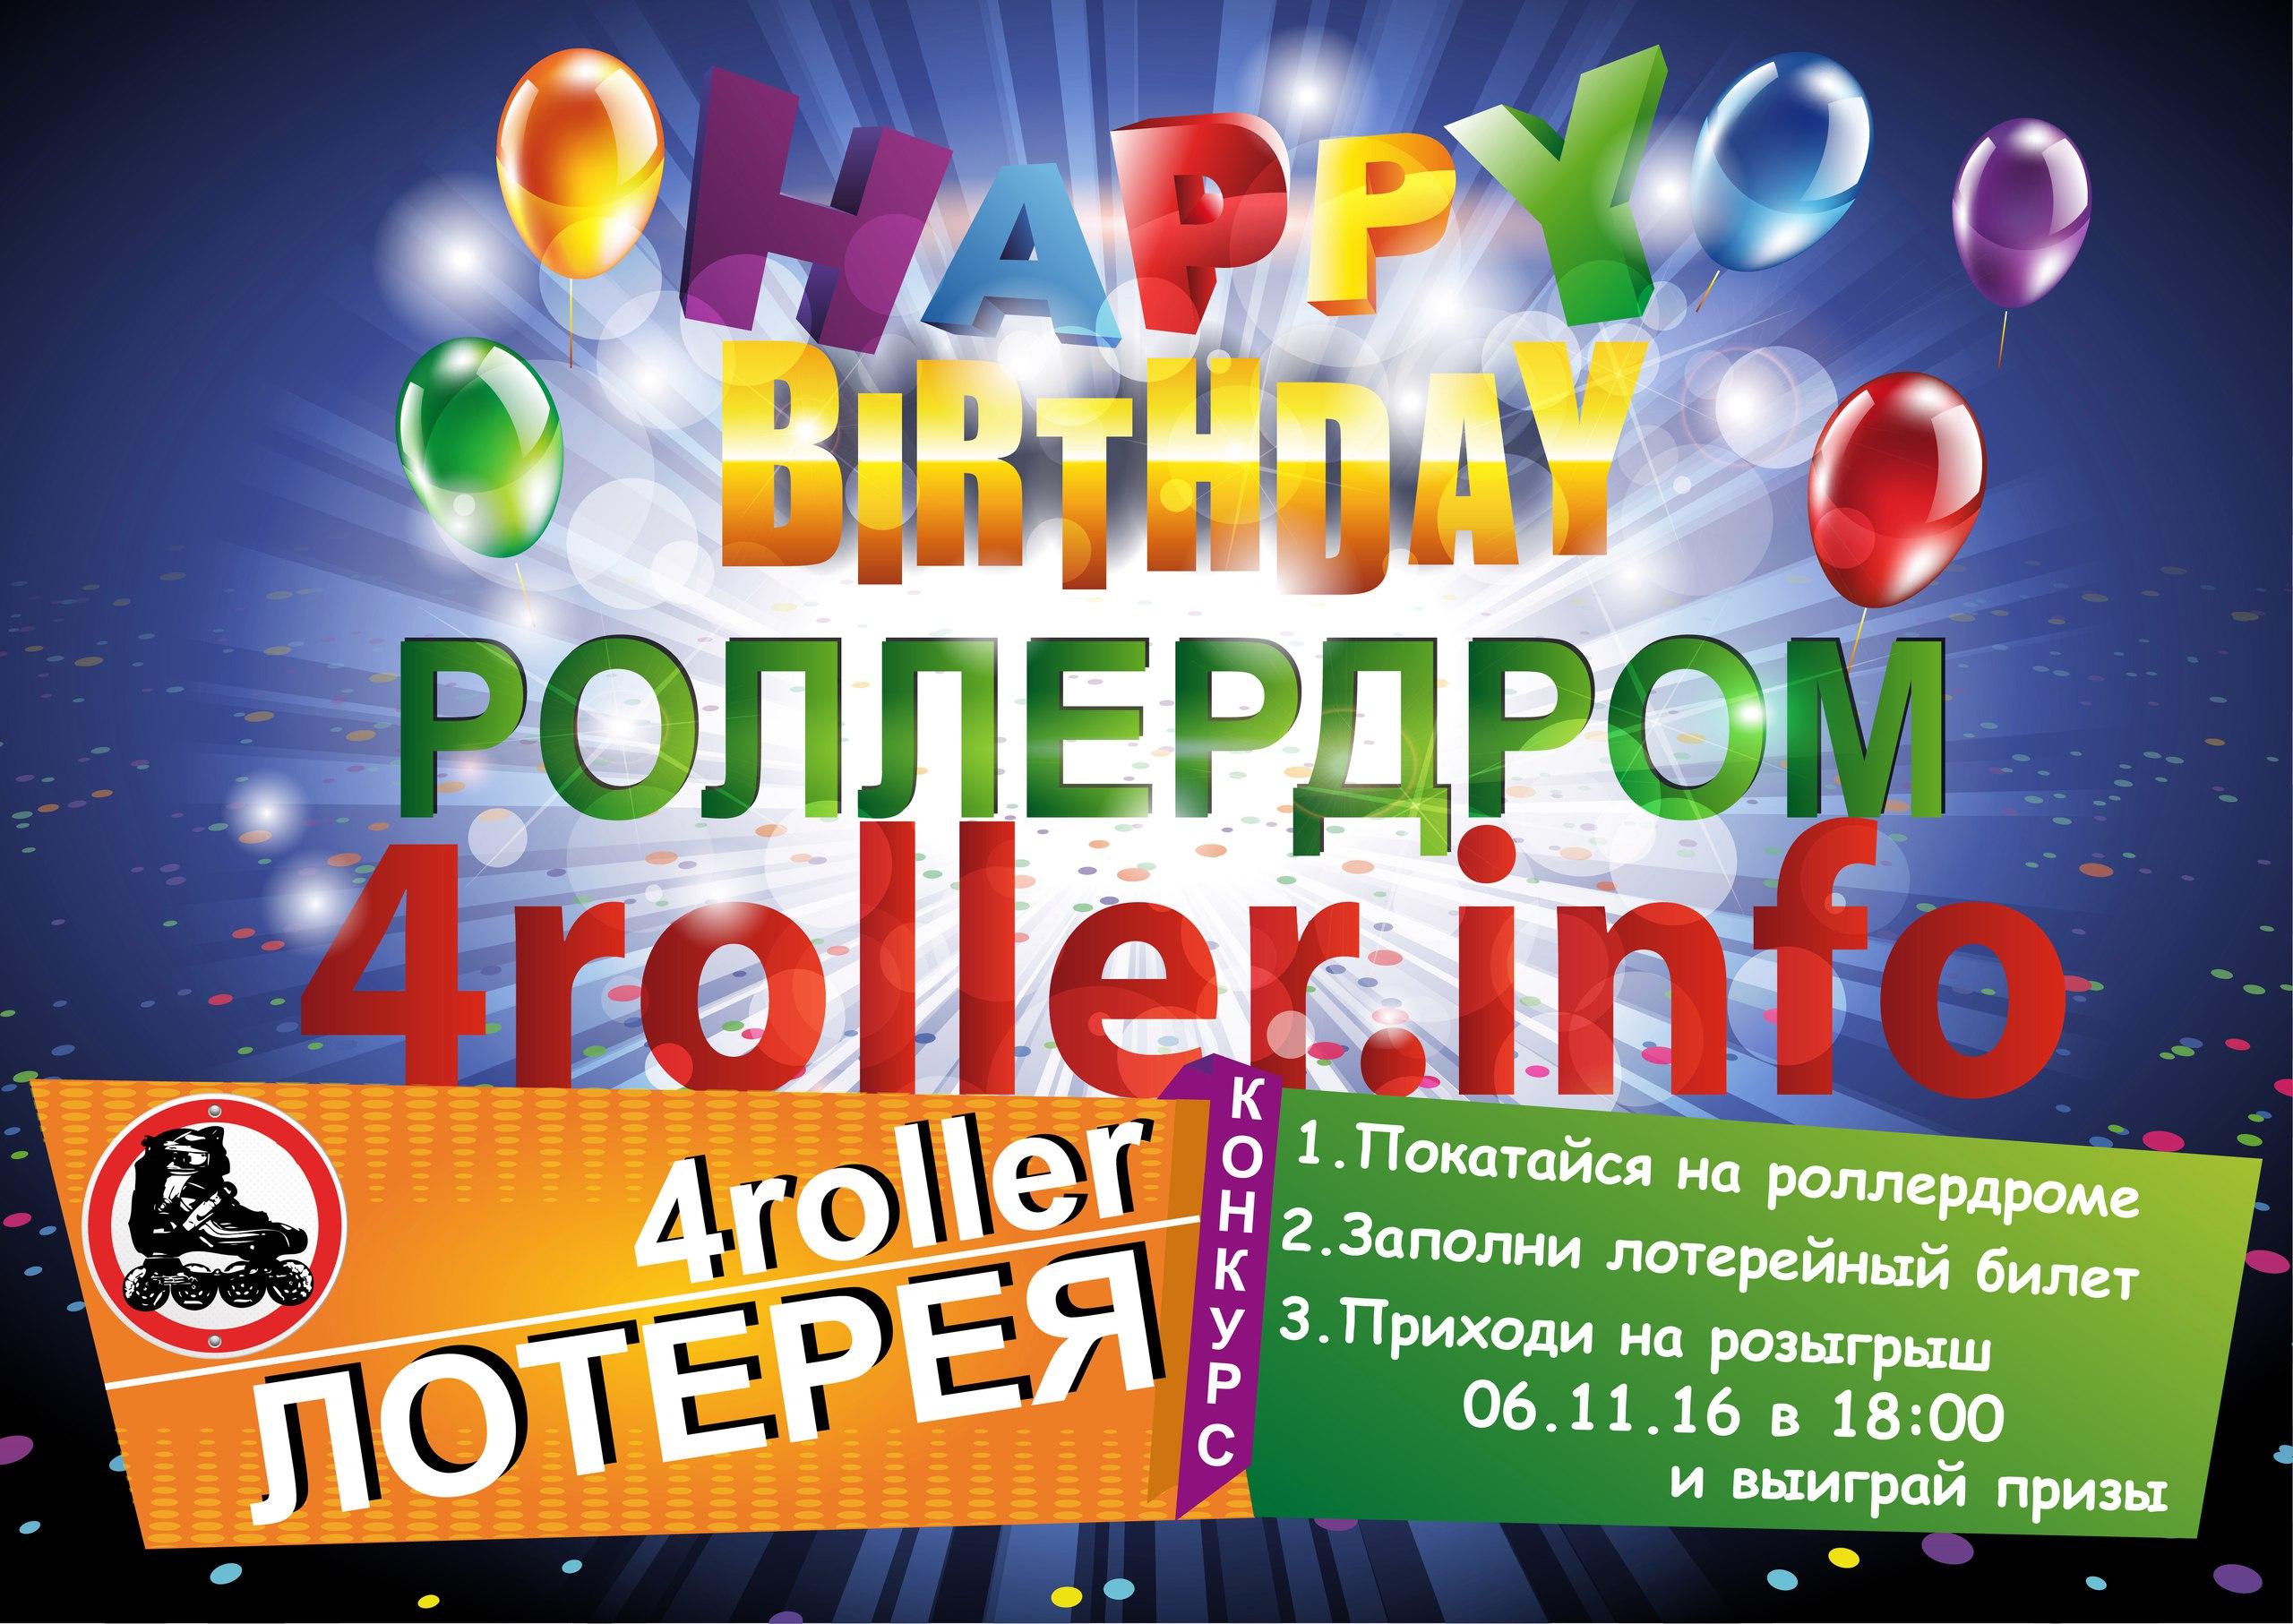 6 ноября 2016 – День рождение Роллердрома #4rollerinfo –Экстрим Шоу, мастер классы, фото-конкурс, лотерея!